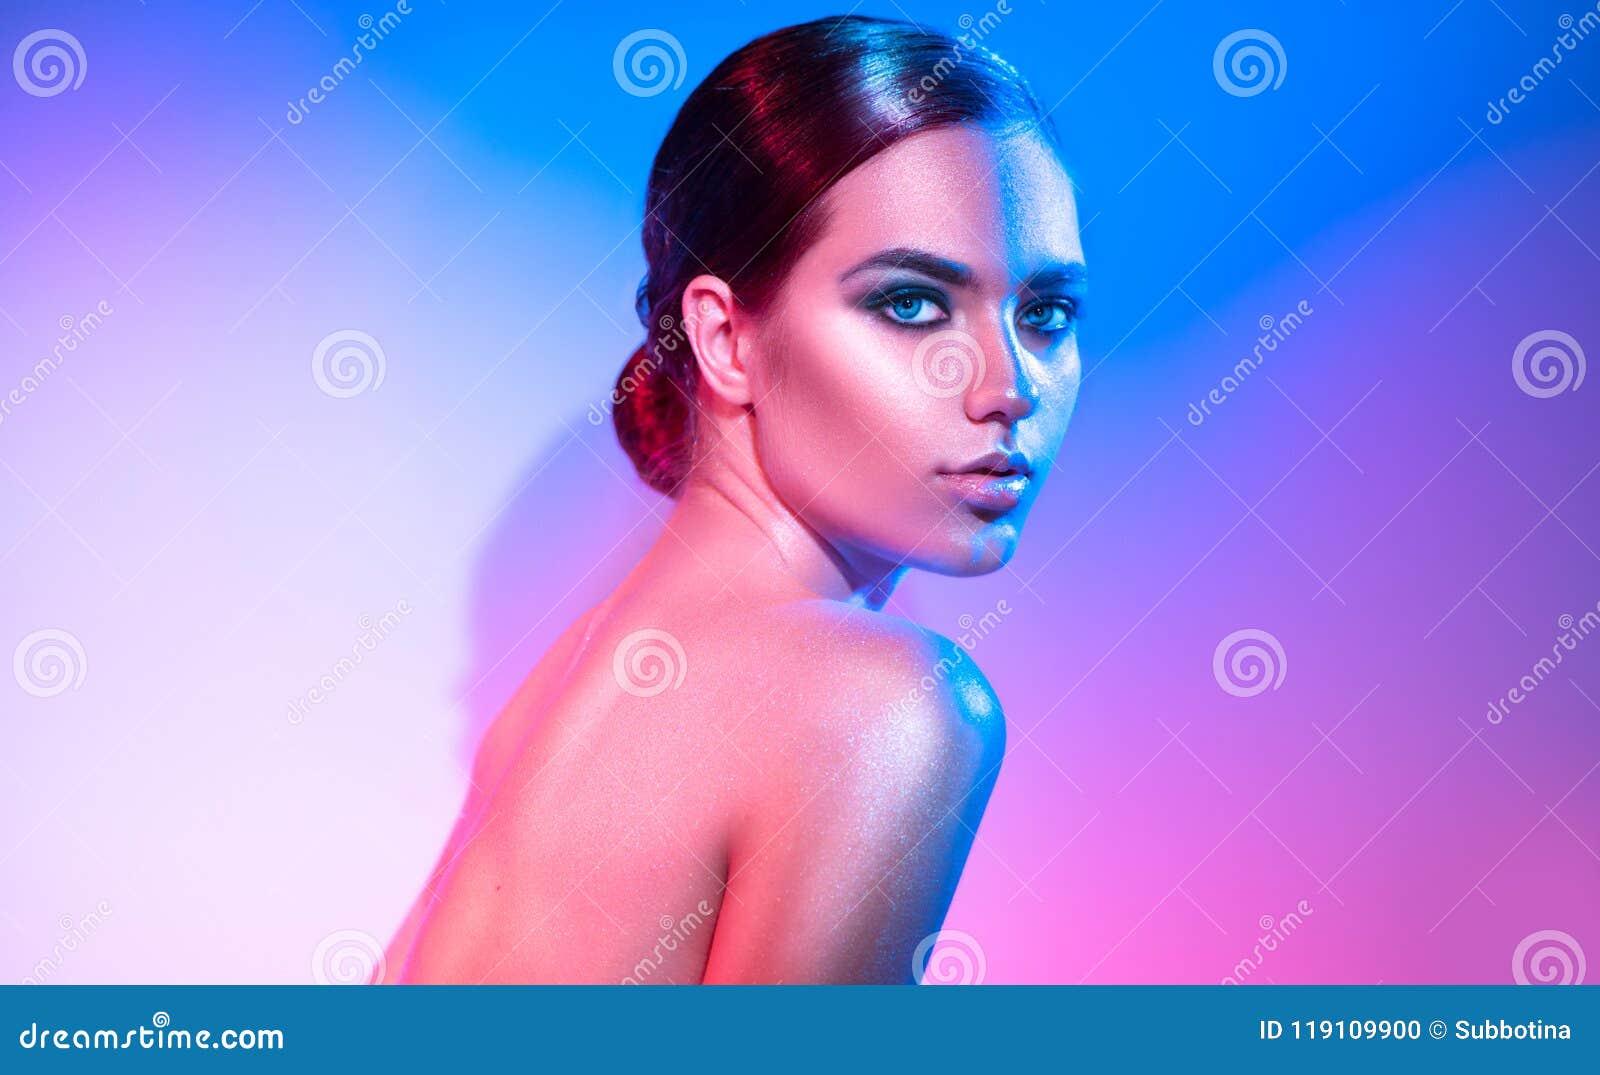 Υψηλό πρότυπο κορίτσι μόδας στα ζωηρόχρωμα φωτεινά σπινθηρίσματα και τα φω τα νέου που θέτουν στο στούντιο όμορφη γυναίκα πορτρέτ